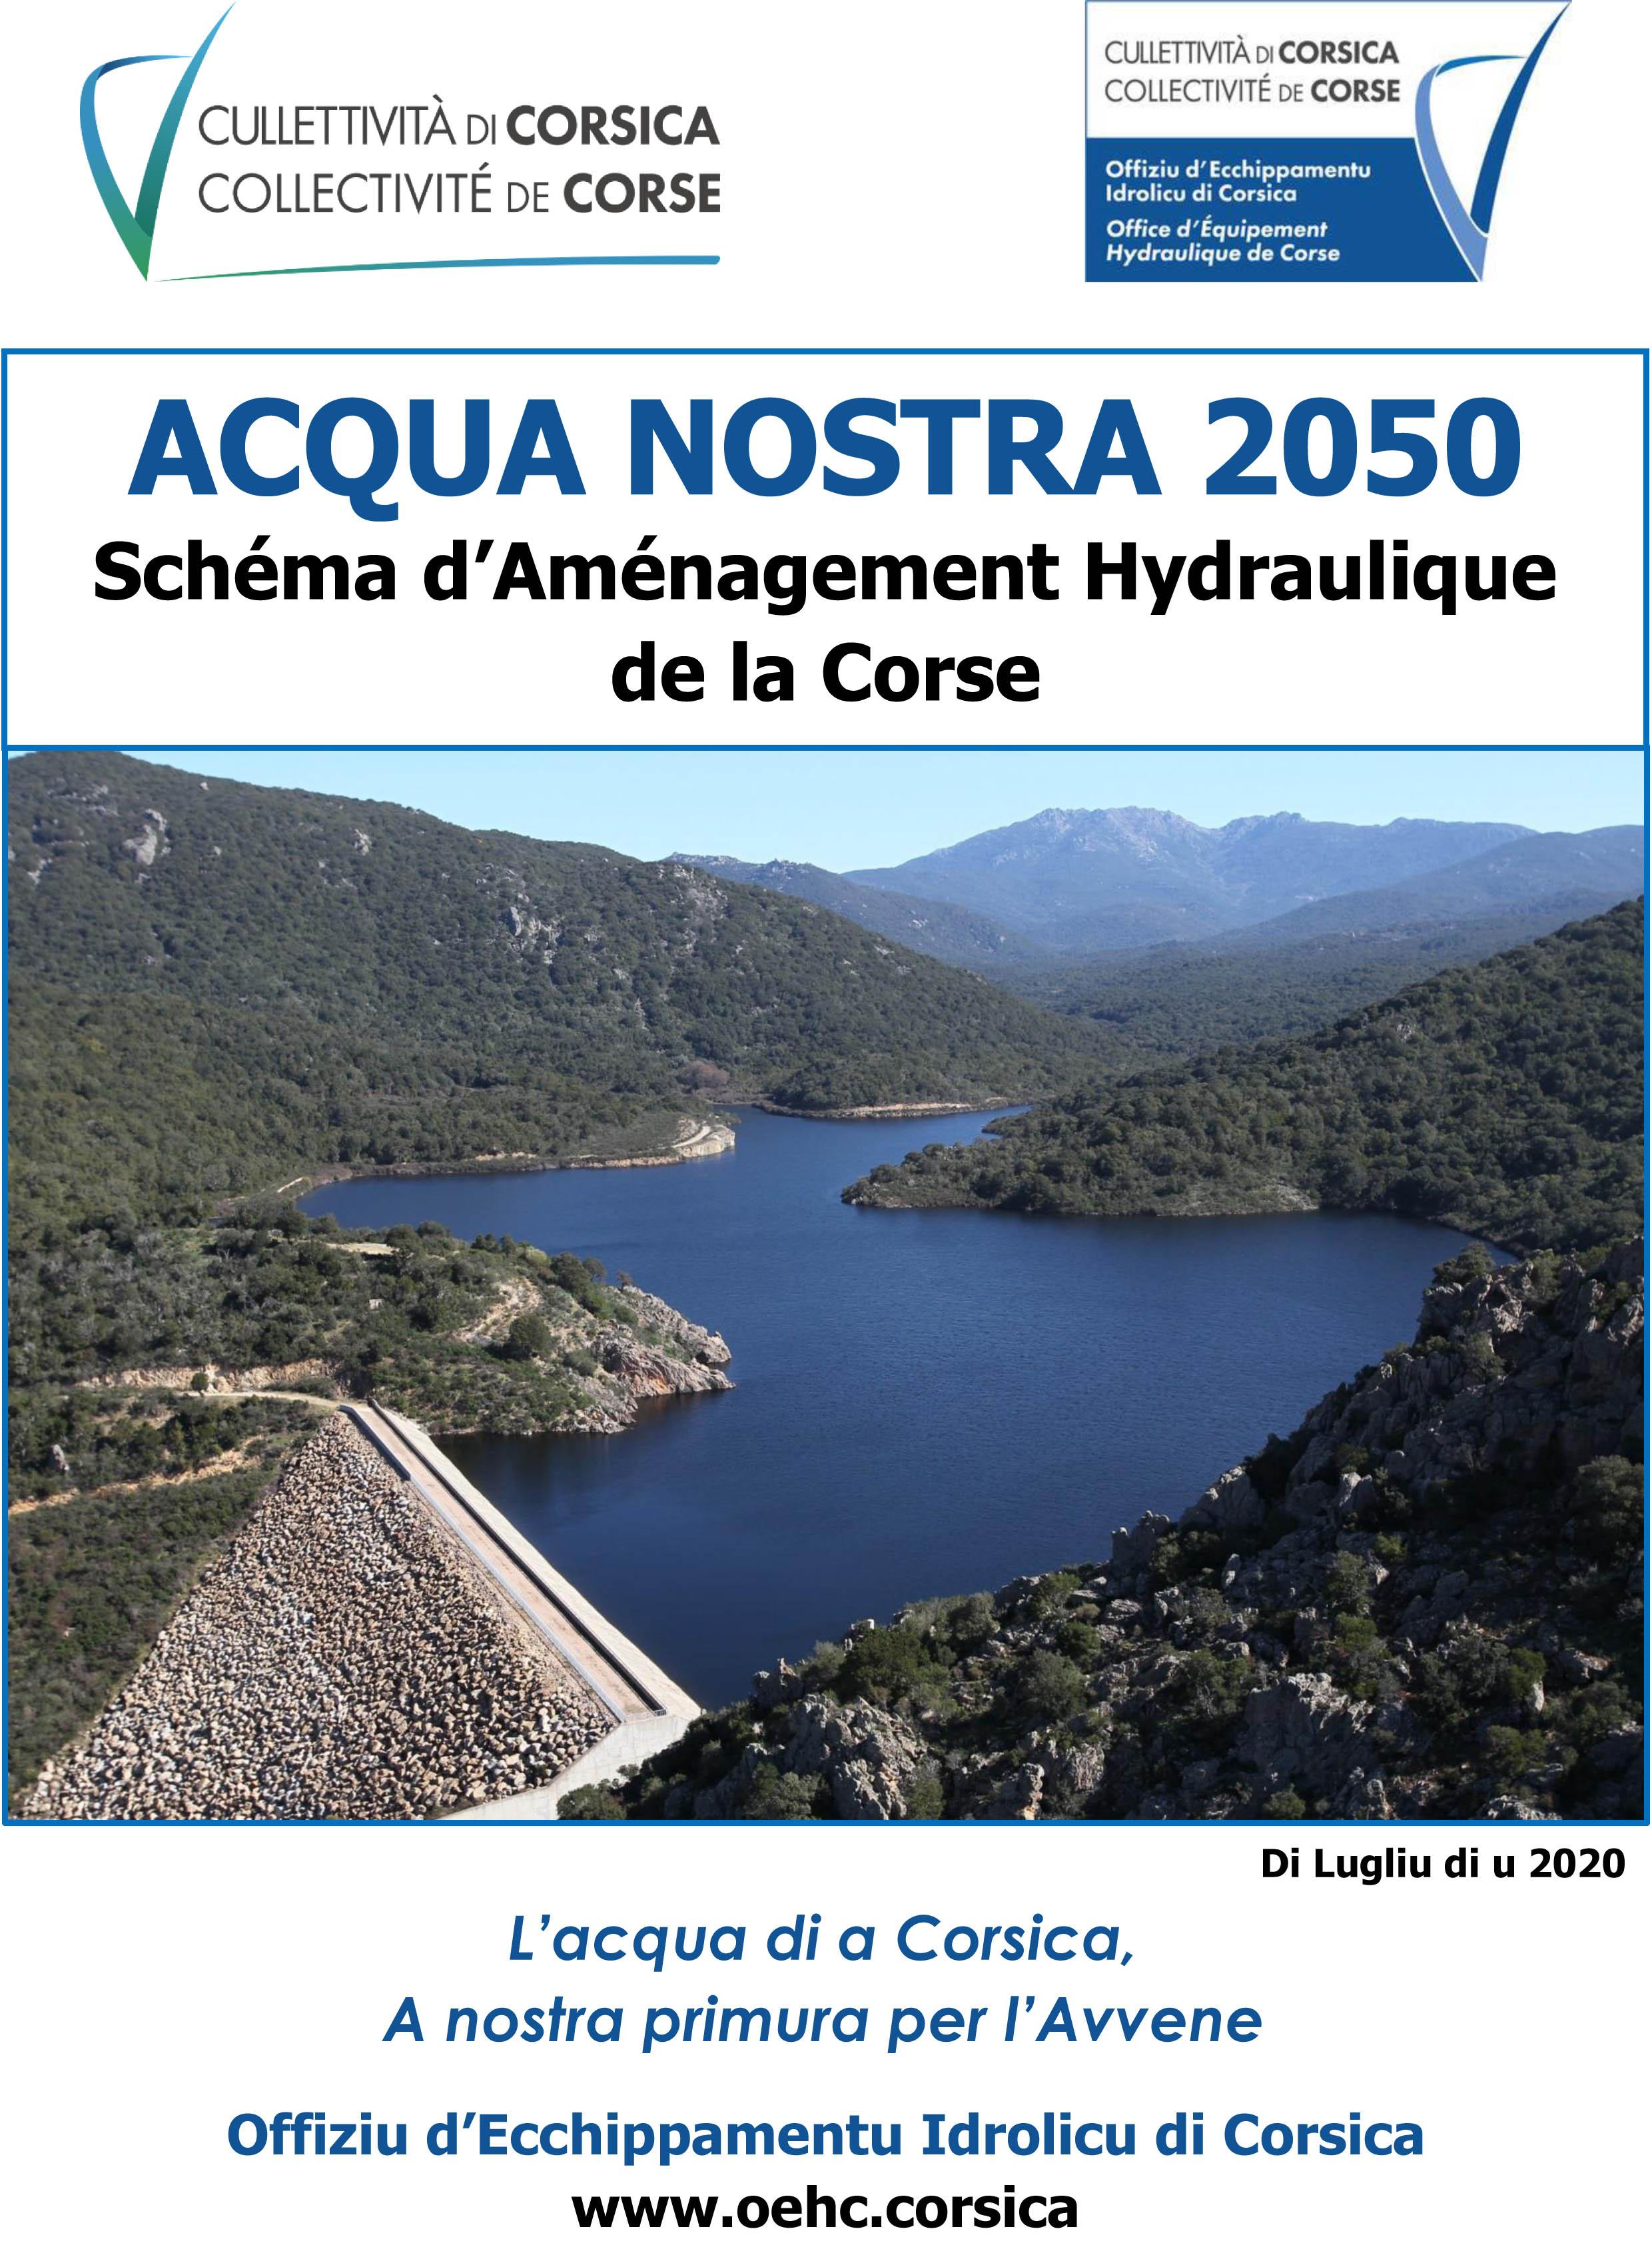 Acqua nostra 2050 - Schéma d'Aménagement Hydraulique de la Corse